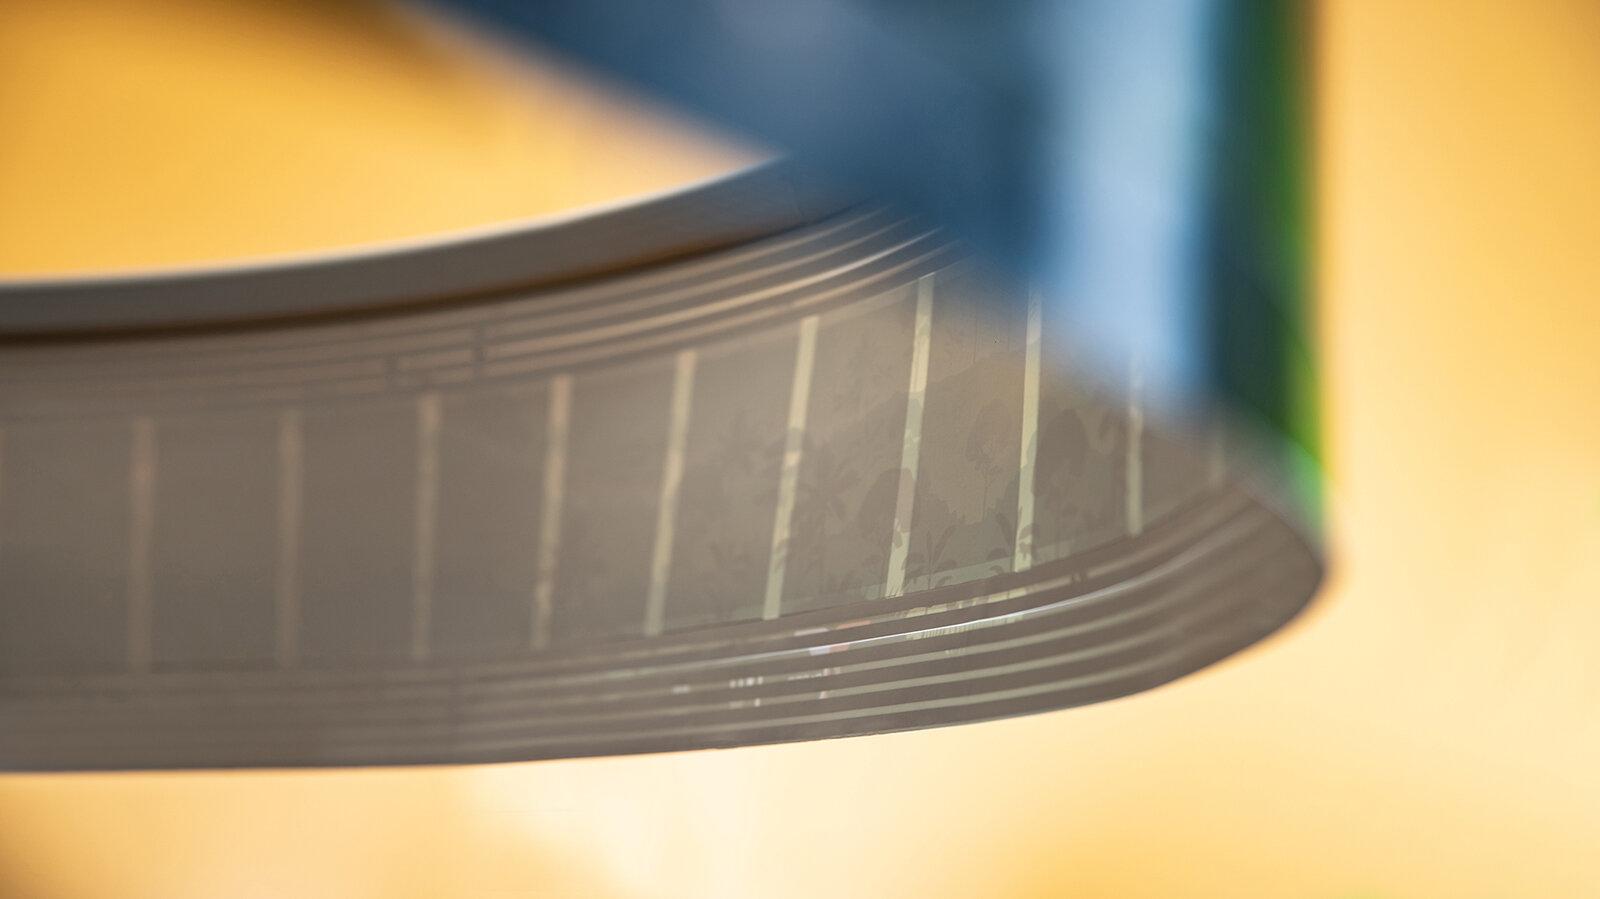 Gedruckter Lautsprecher: Surround-Sound-Lautsprecher aus Papier wiegt 150 Gramm -